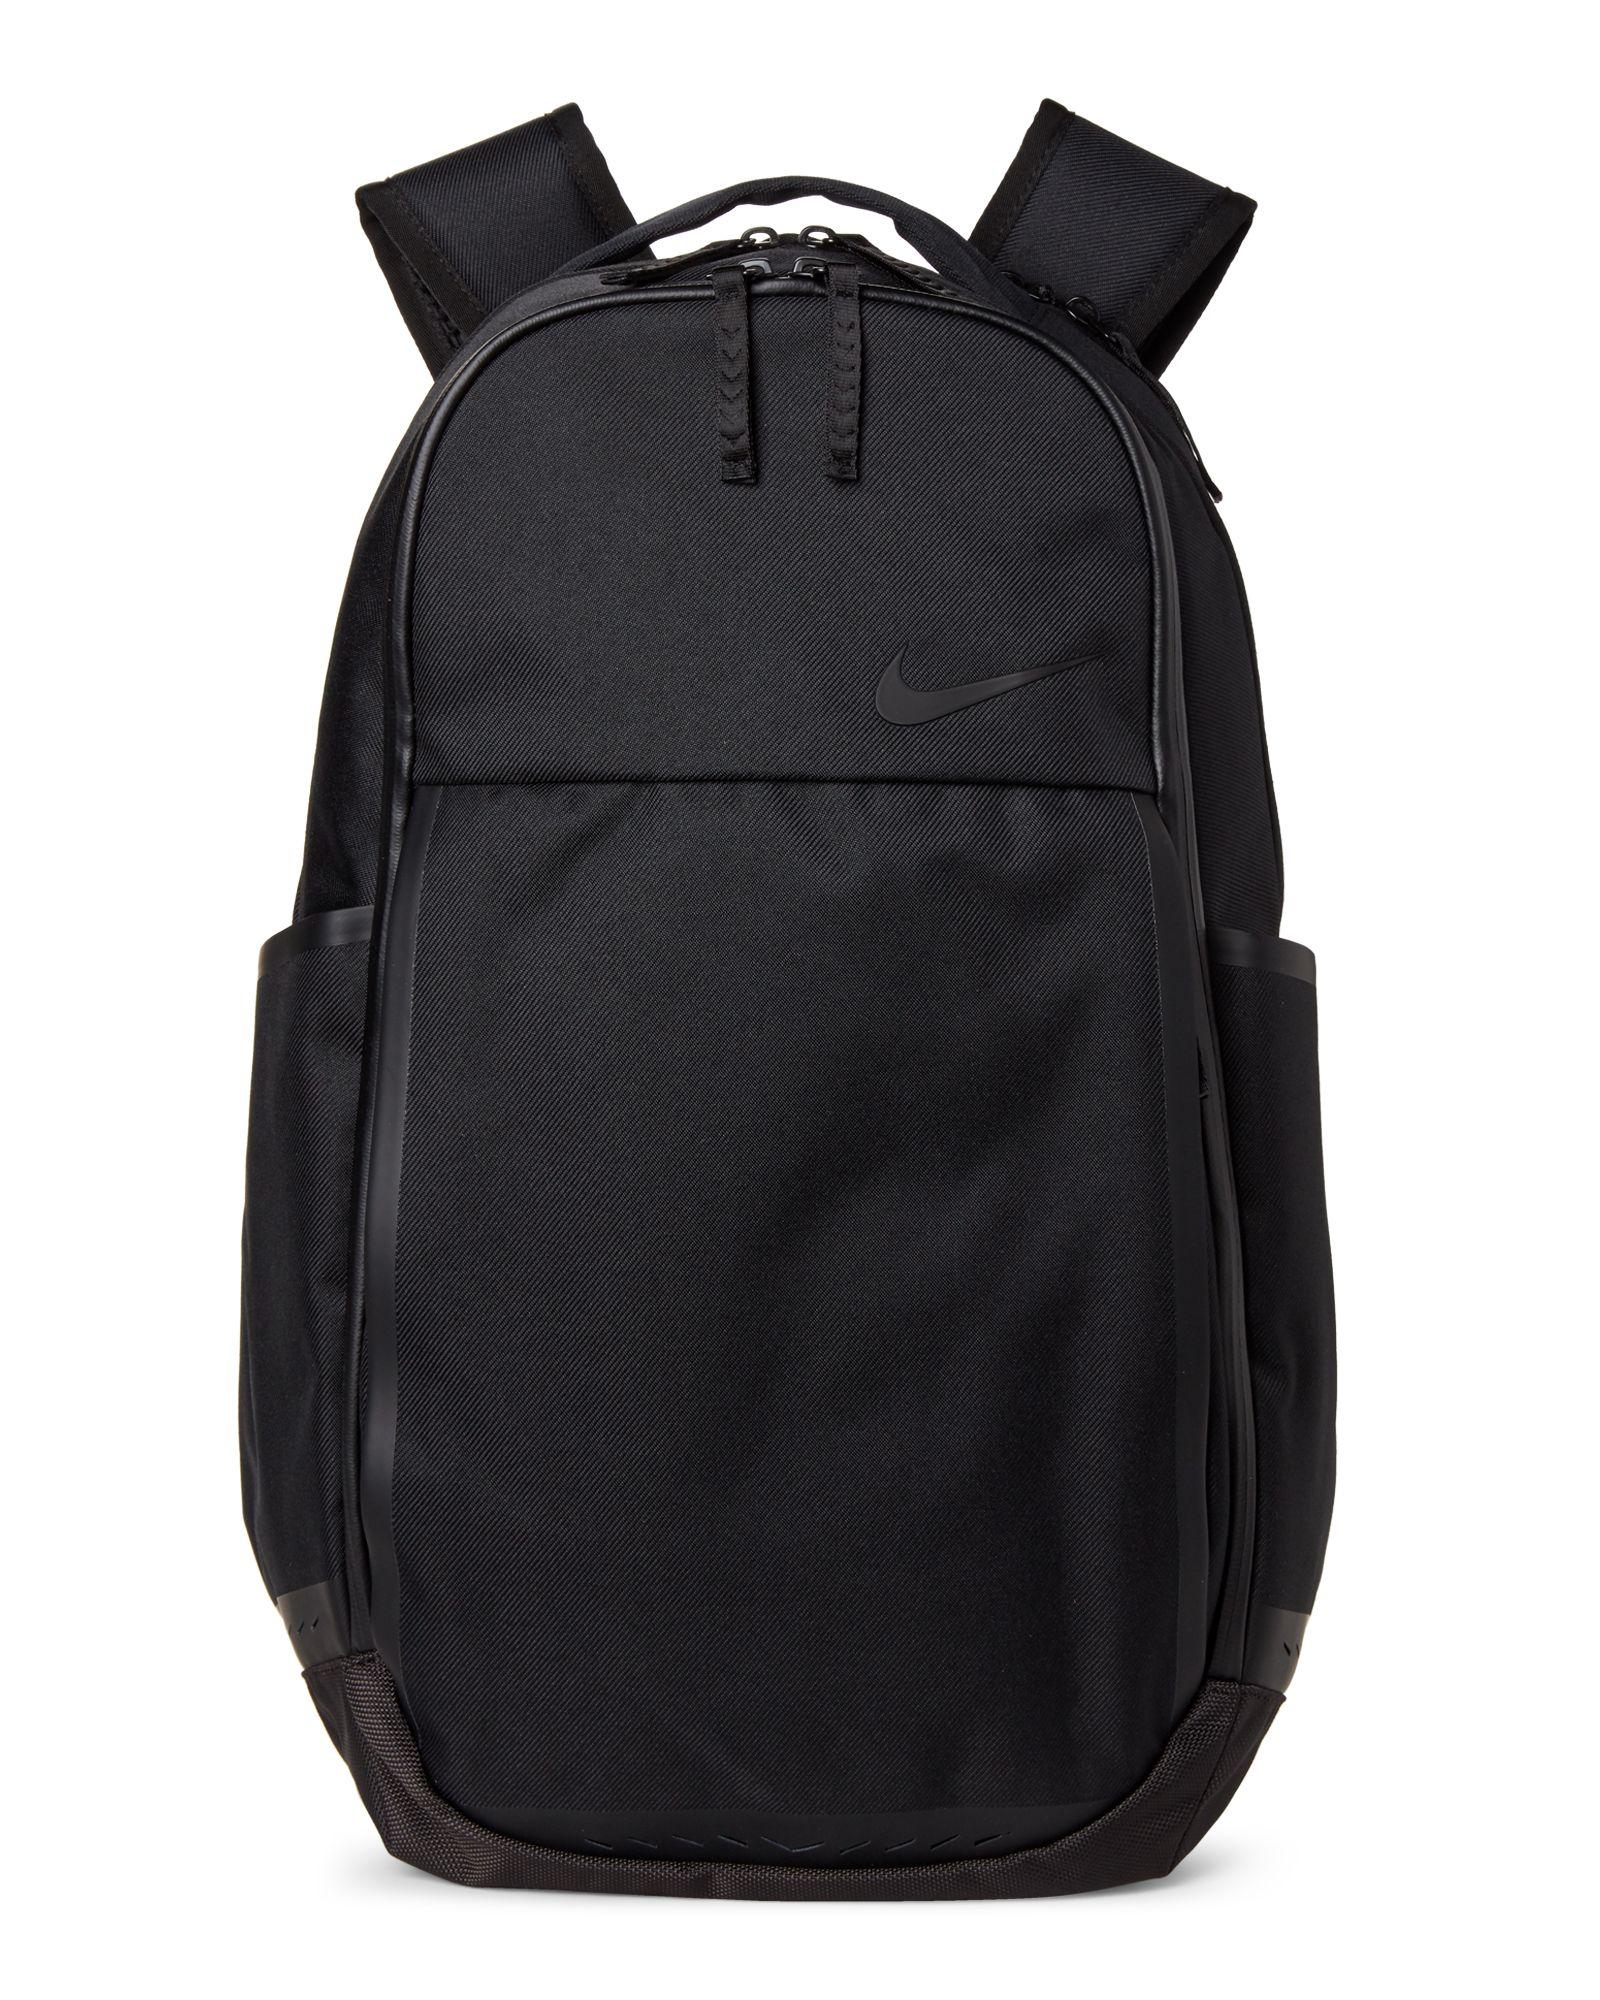 Nike Black Ultimatum Premium Backpack Black Nikes 178659e56a8f1